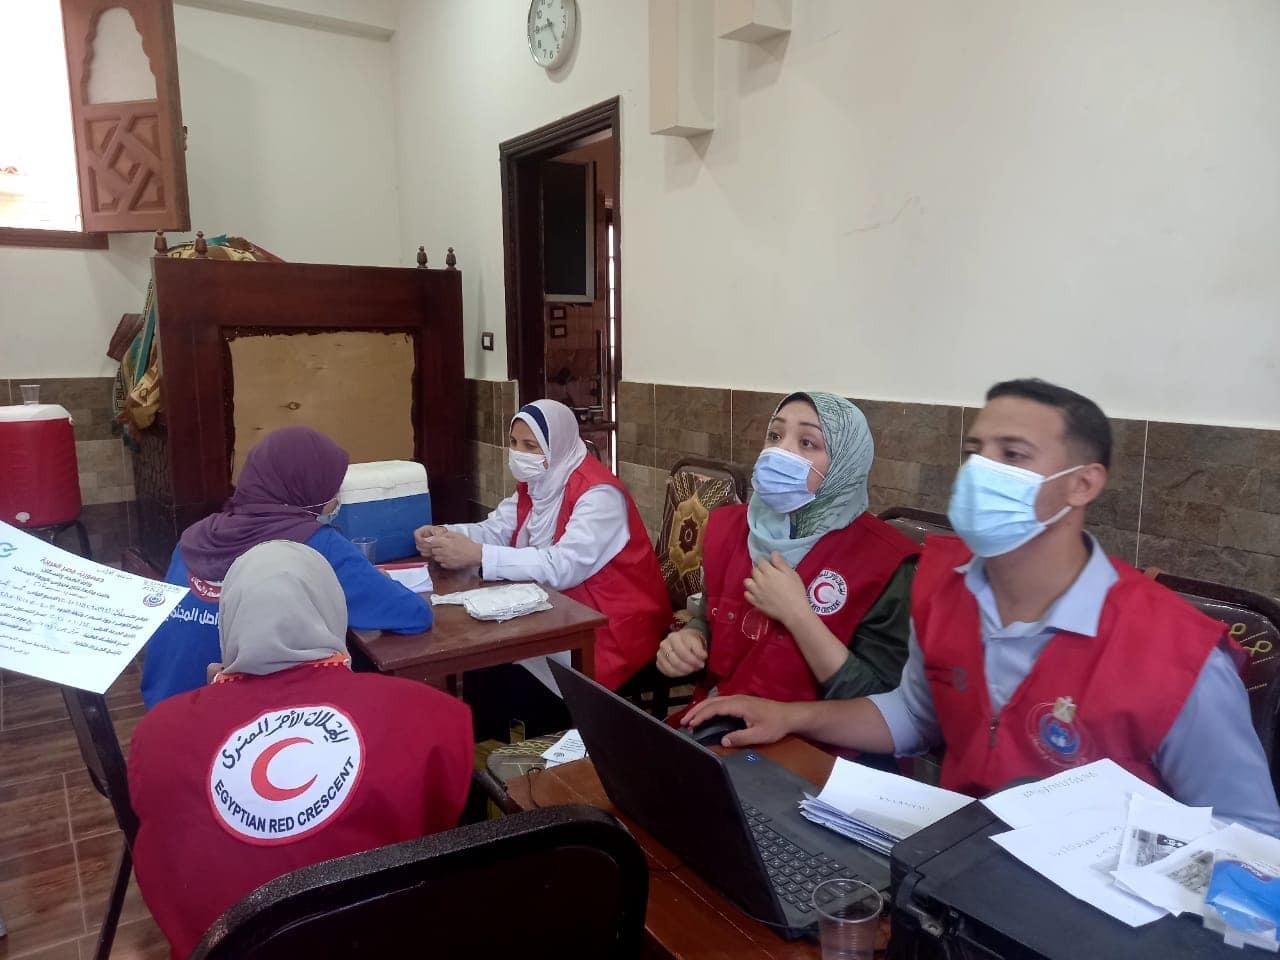 بالتعاون مع جمعية الهلال الأحمر بالمنوفية :  تنظيم حملة للتطعيم ضد فيروس كورونا بمجمع العراقى ببركة السبع